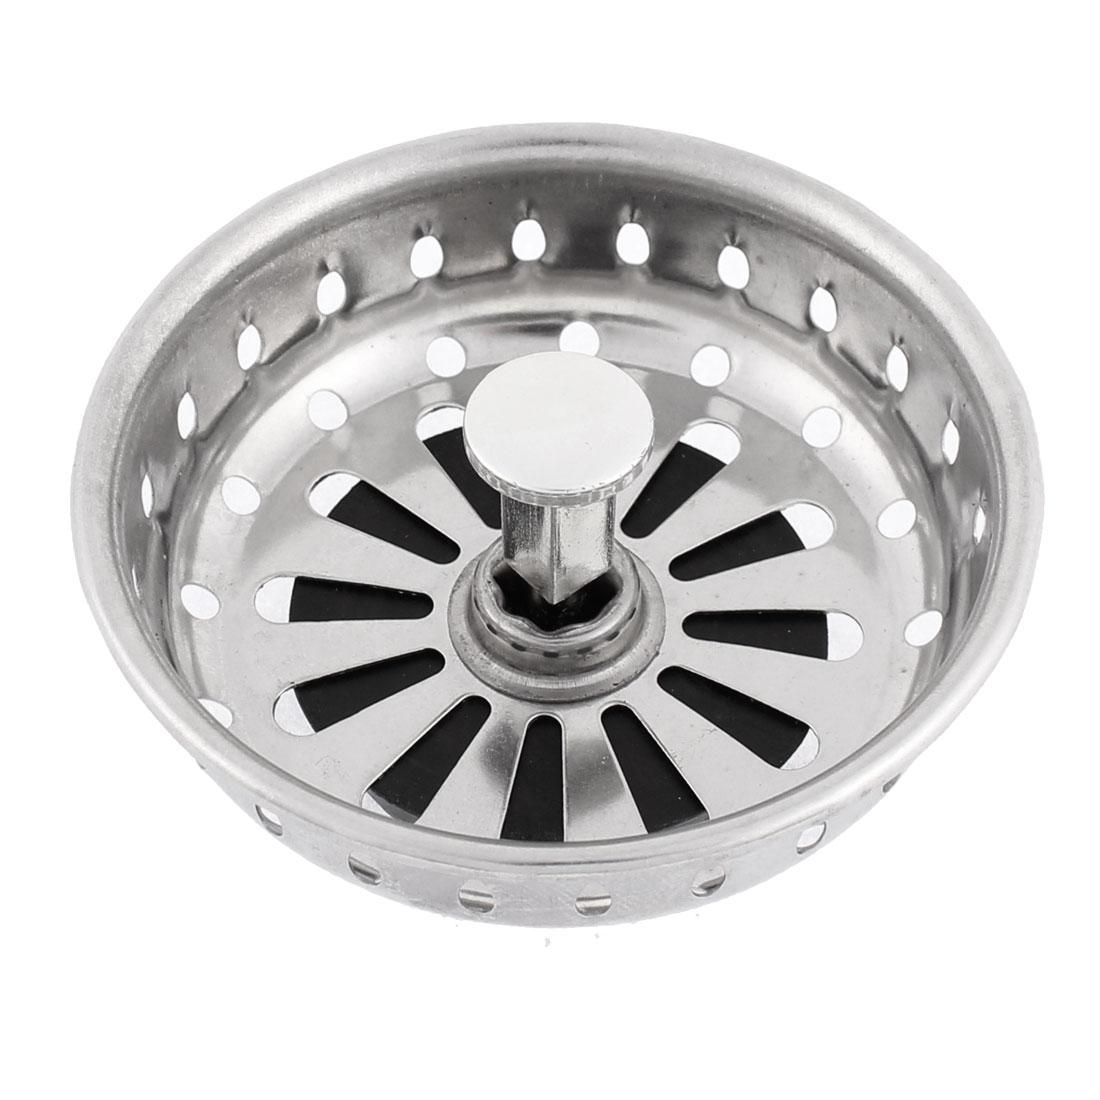 Household Kitchen Sink Garbage Basin Strainer 85mm Dia